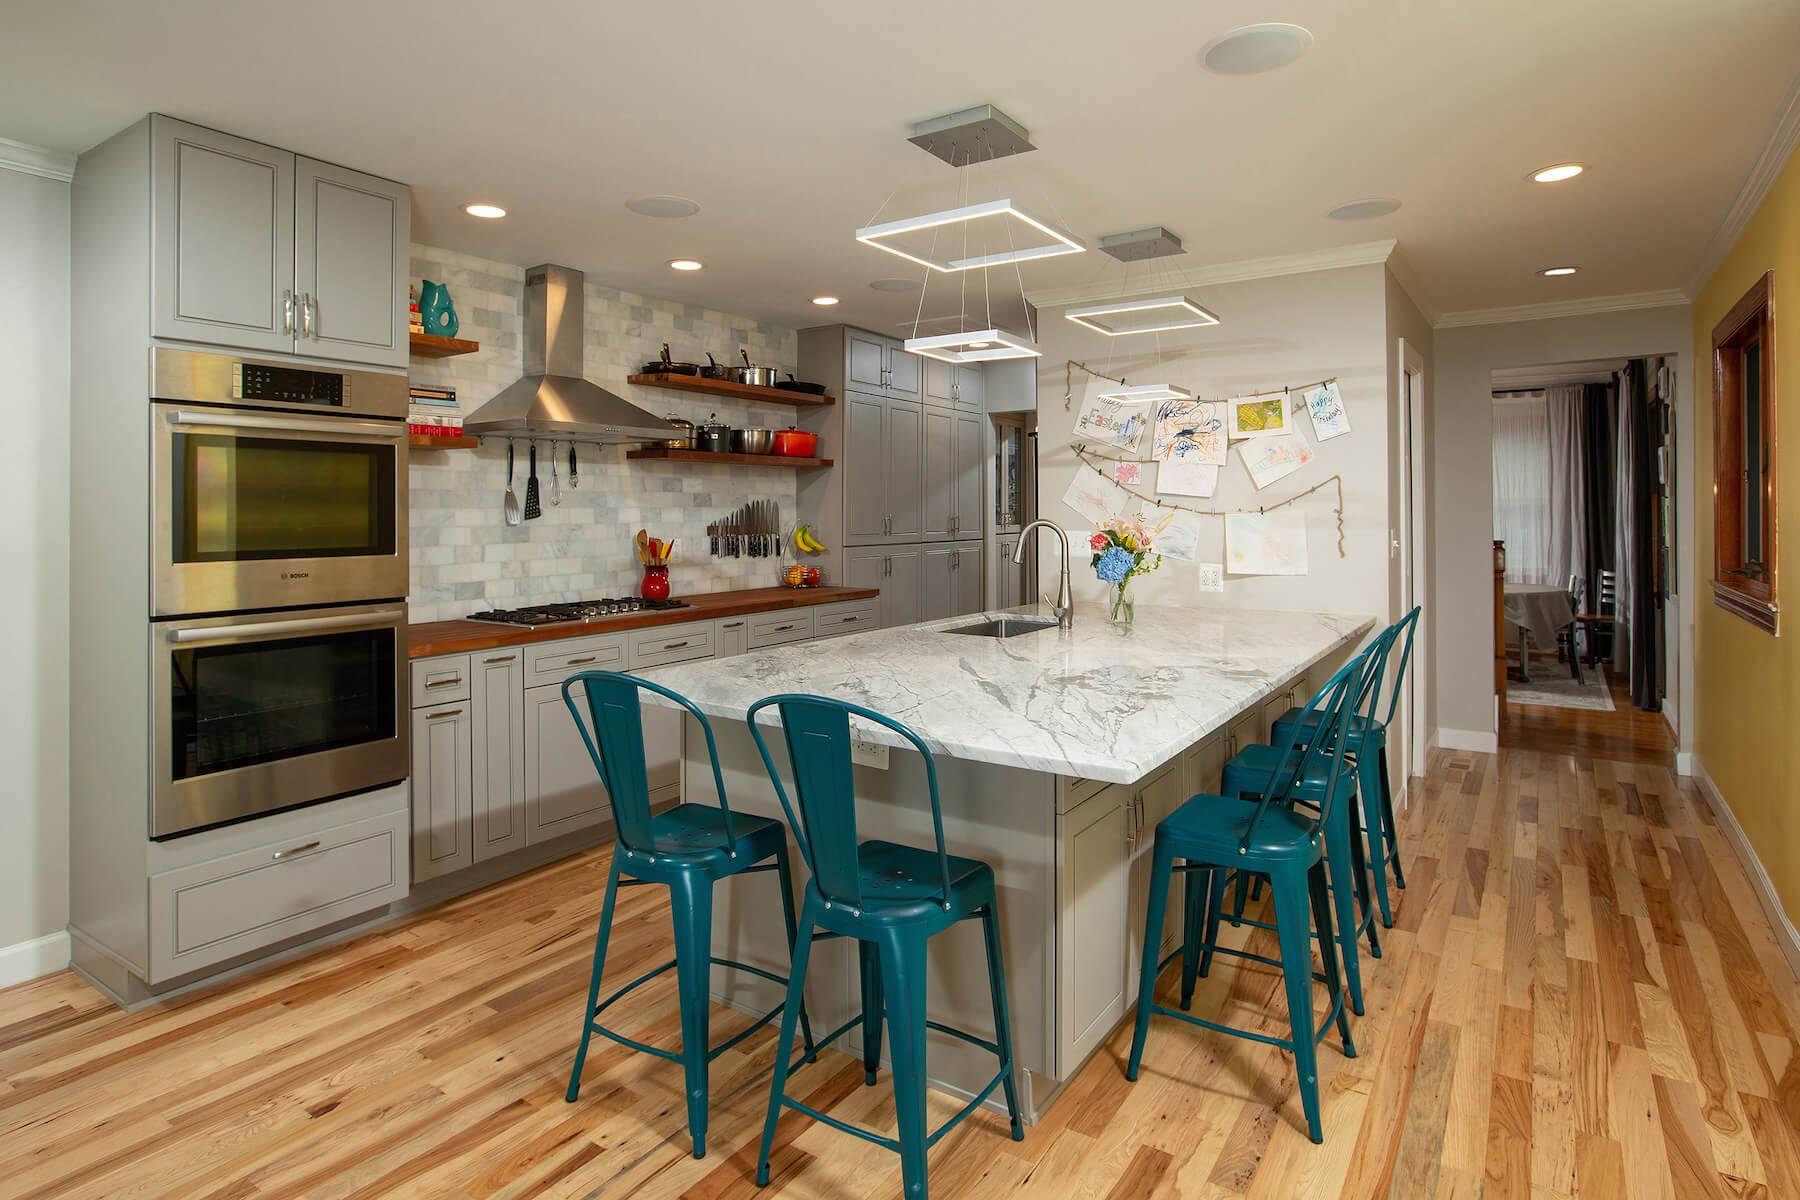 kitchen_5-17-19_165